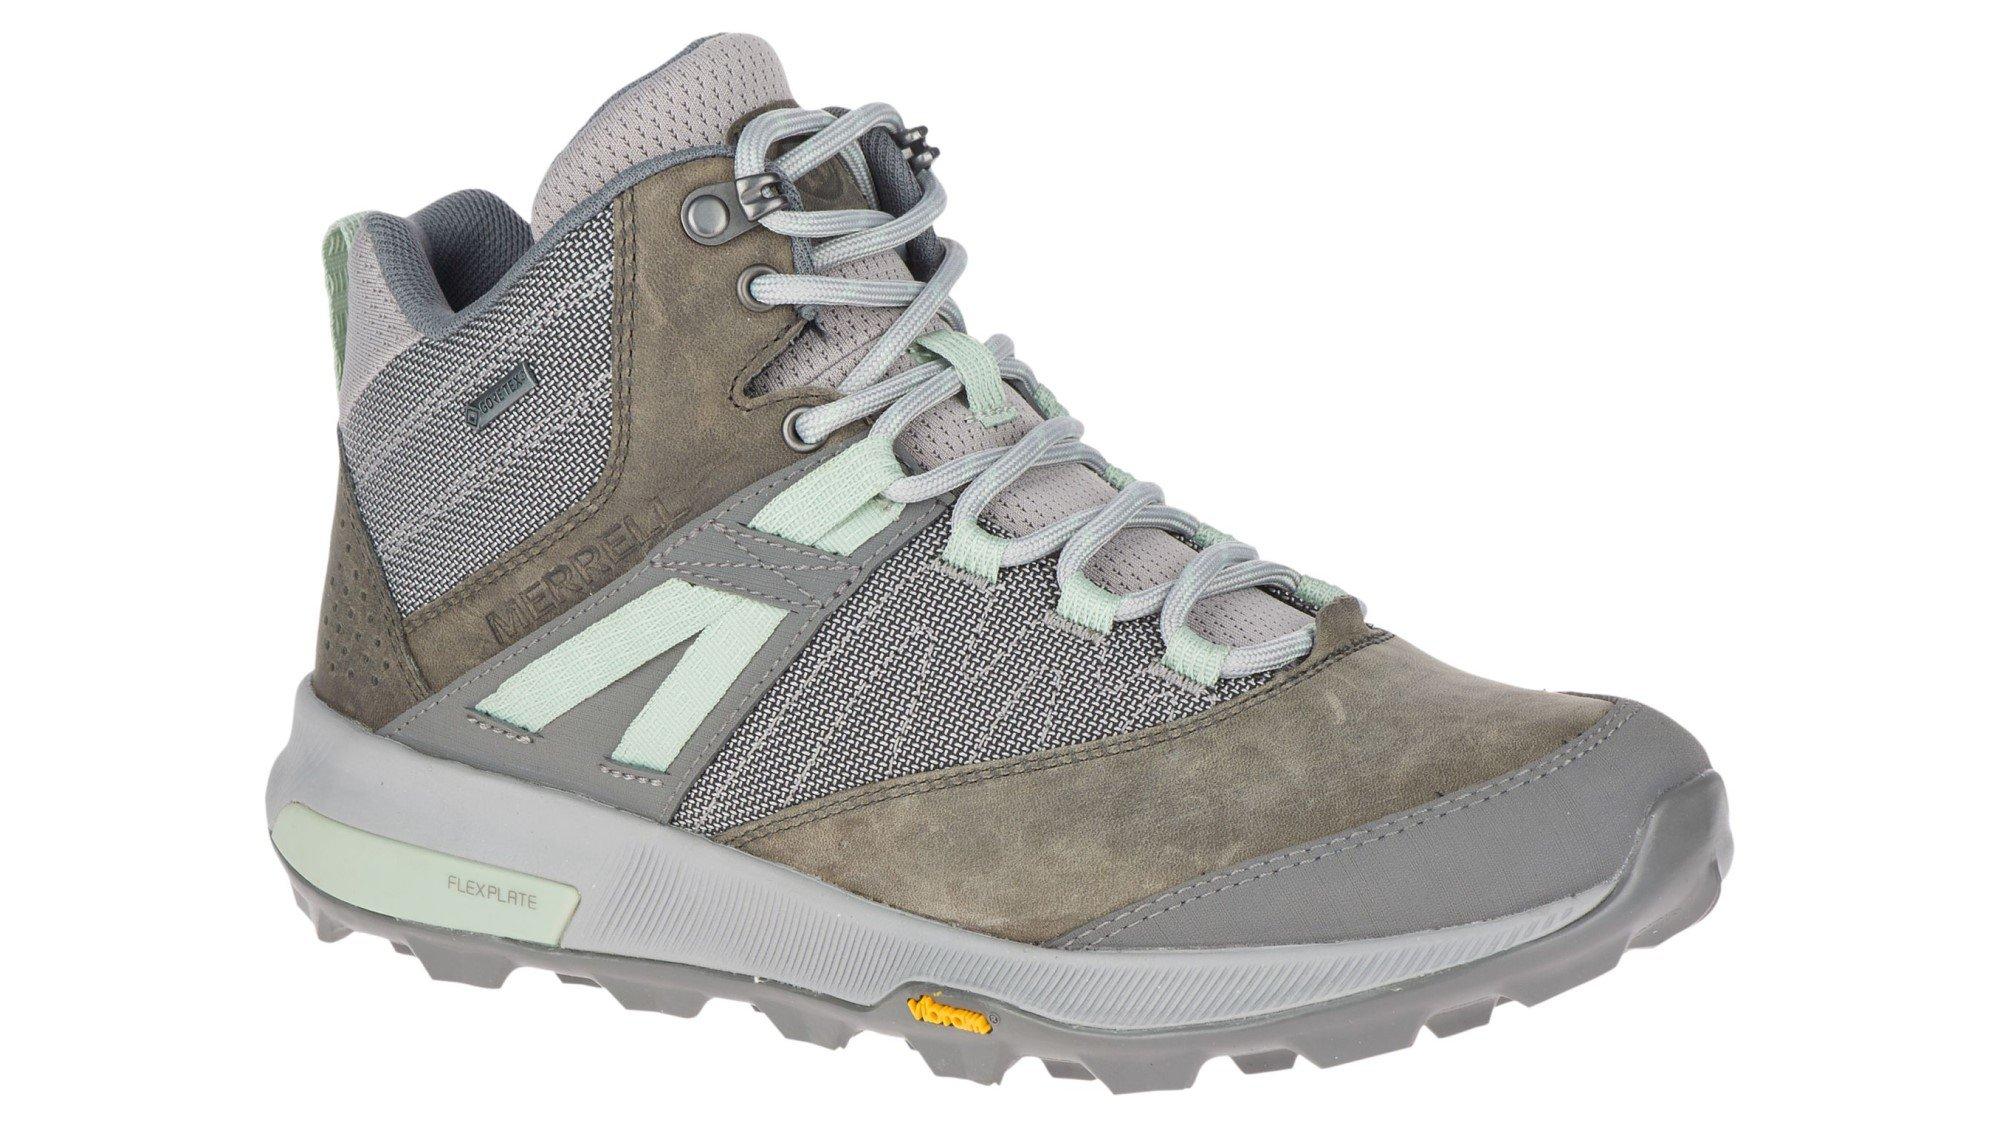 best cheap walking boots uk